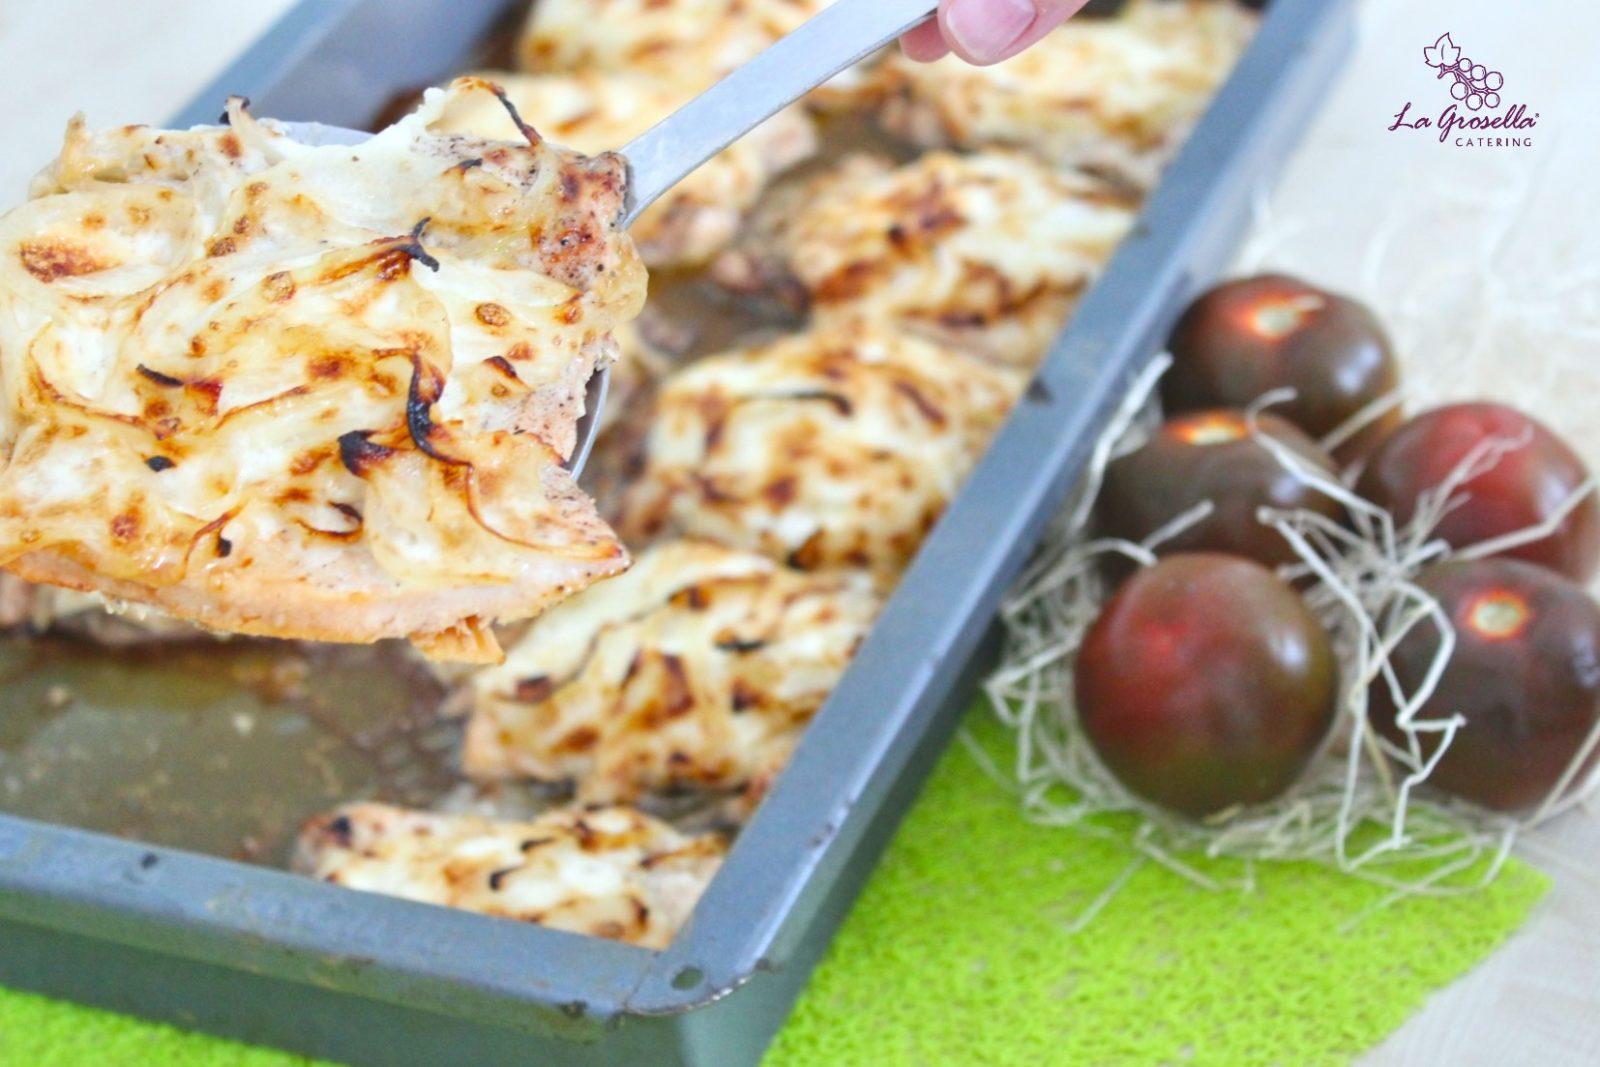 Pechuga de pollo gratinada con cebolla y mayonesa